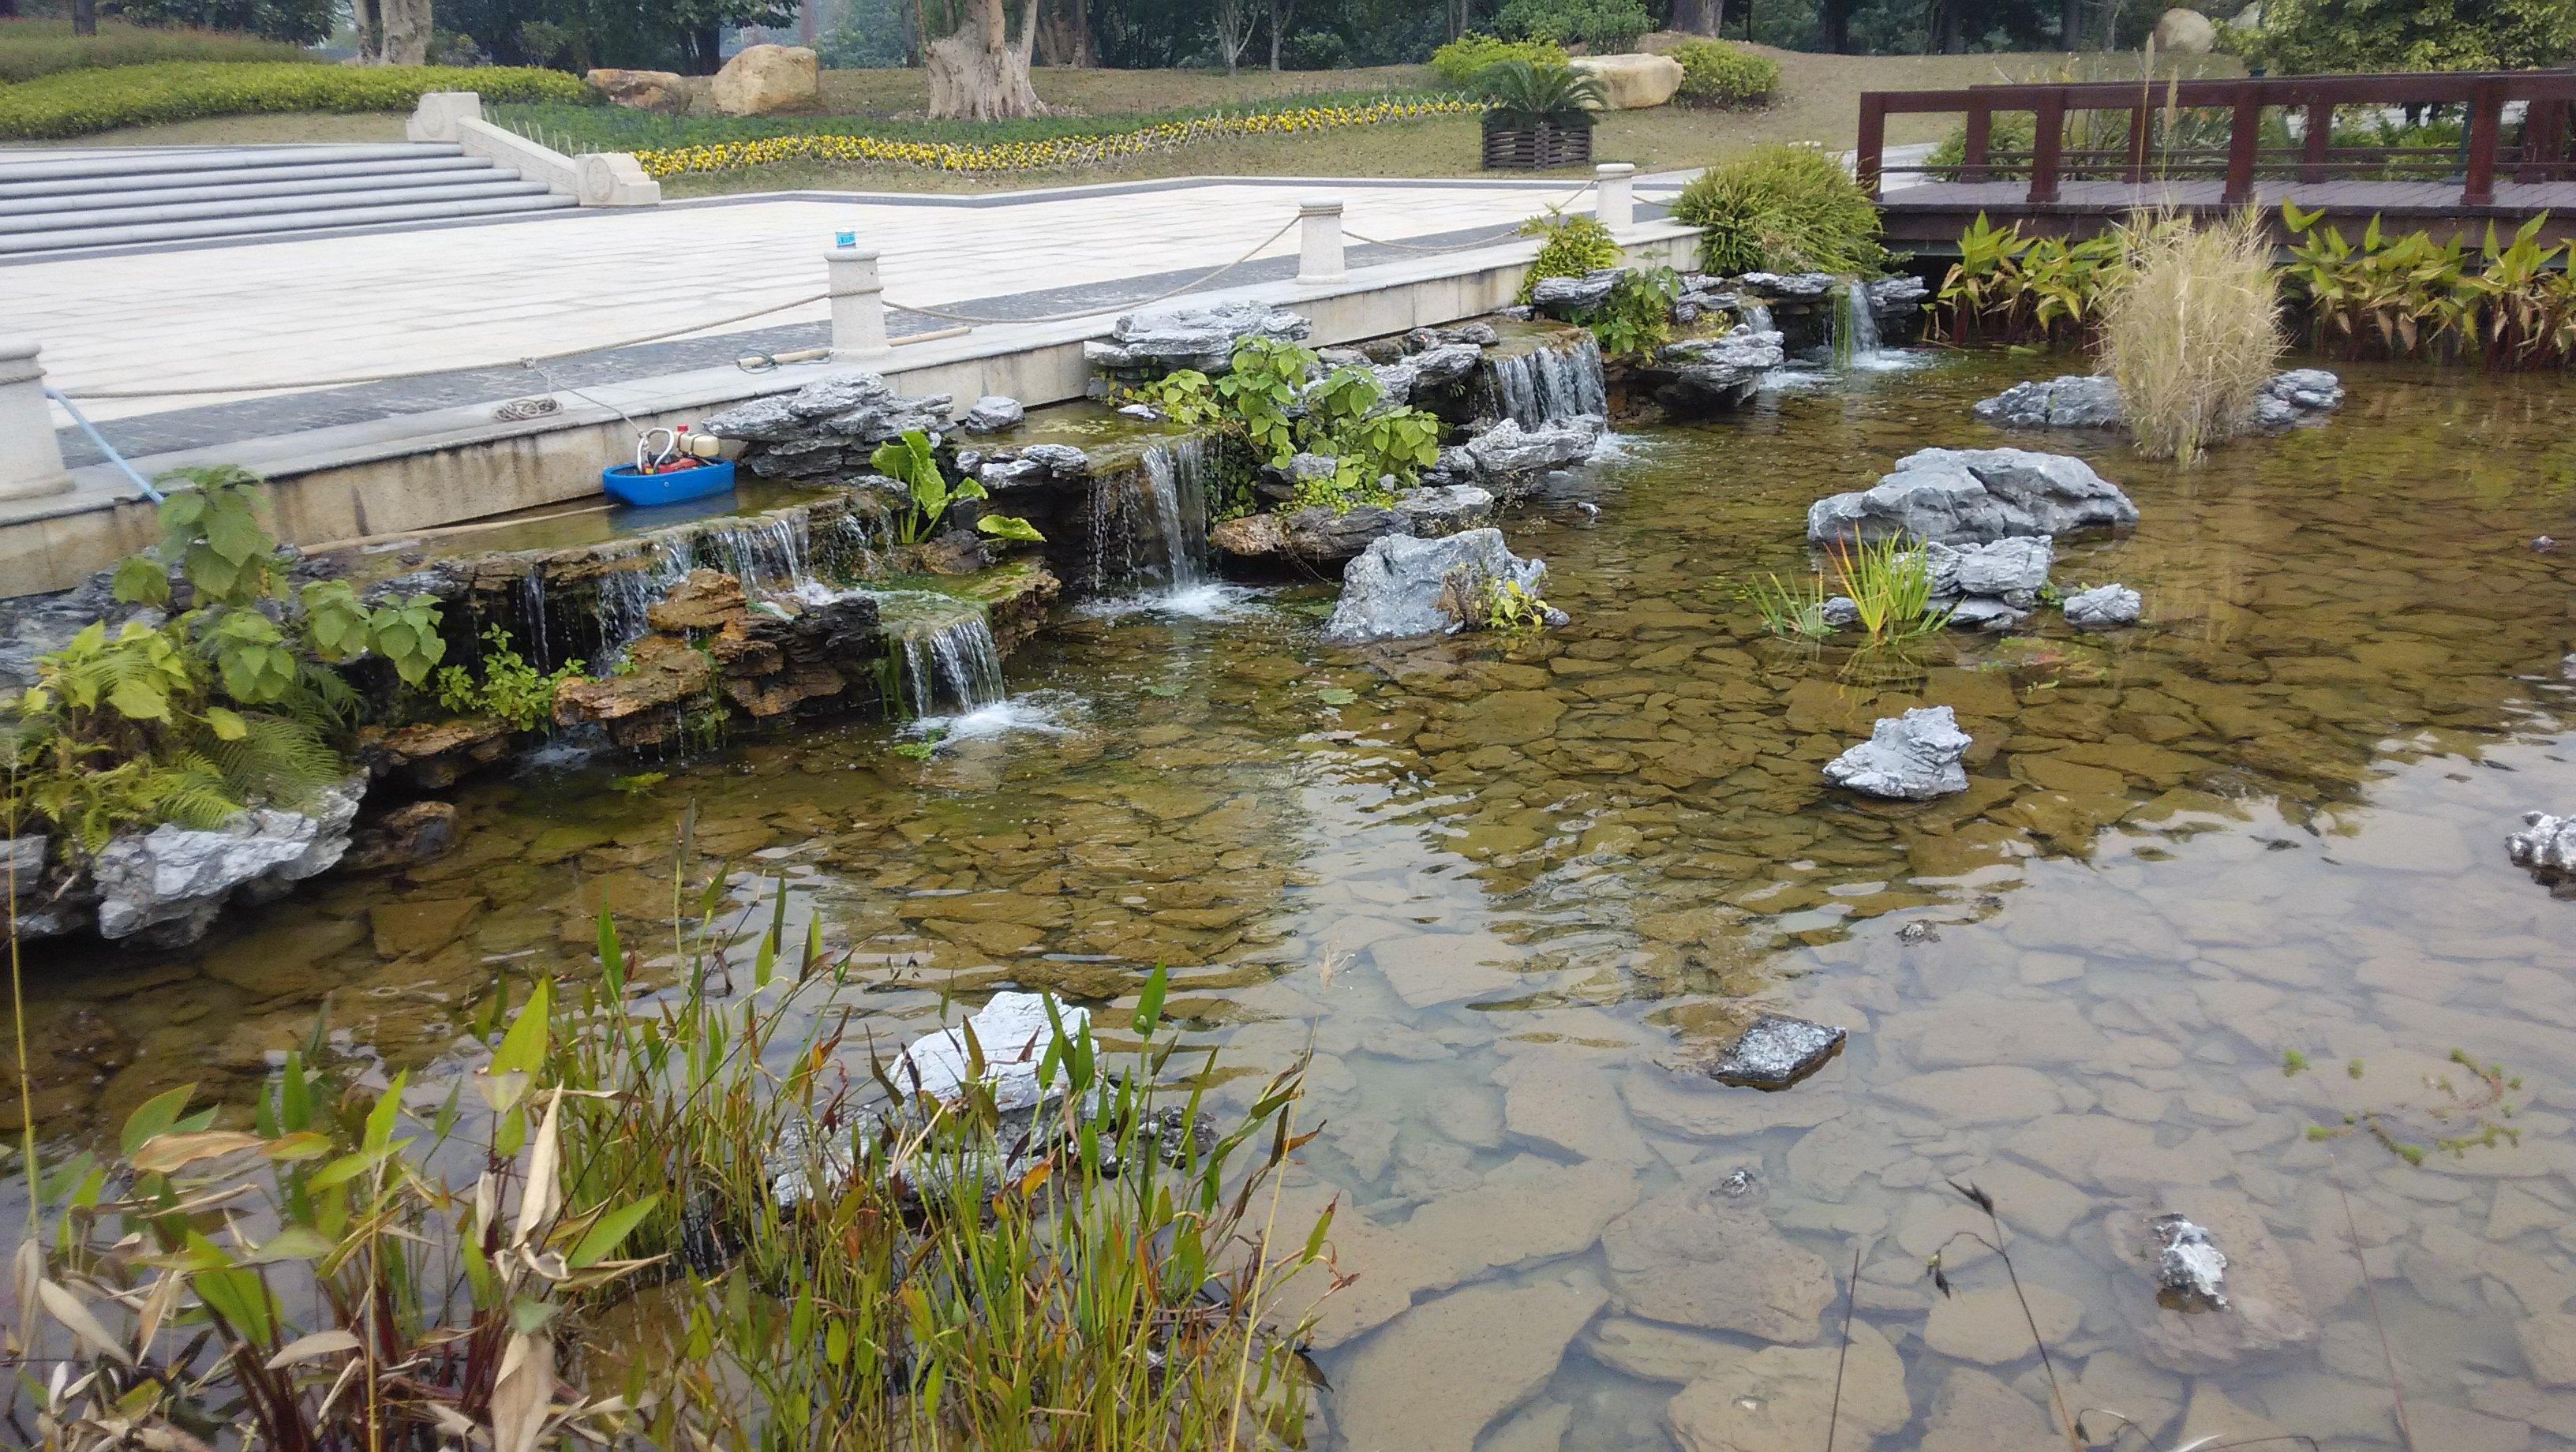 浅谈海珠湿地公园建设对广州城市景观生态系统的作用